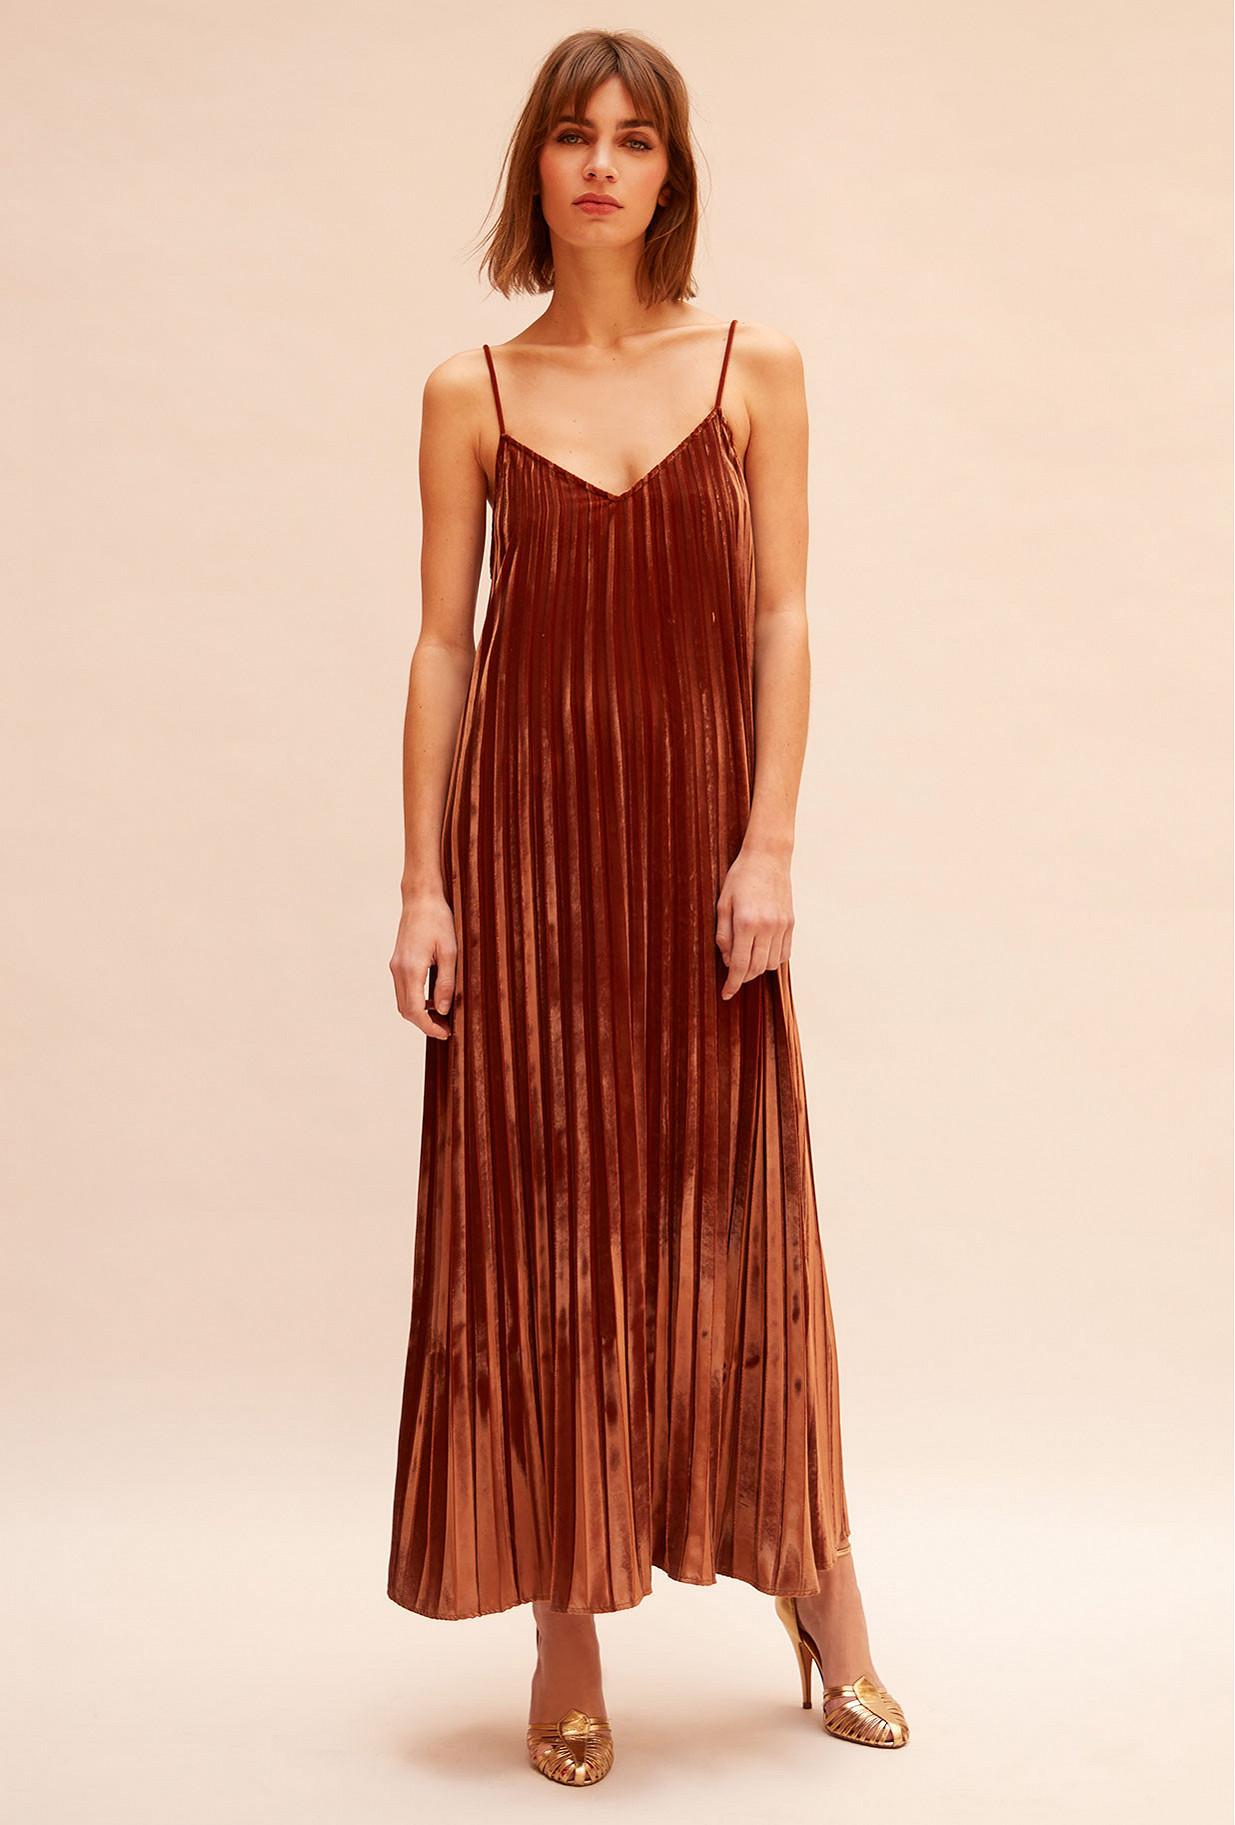 Nude  Dress  Maureen Mes demoiselles fashion clothes designer Paris